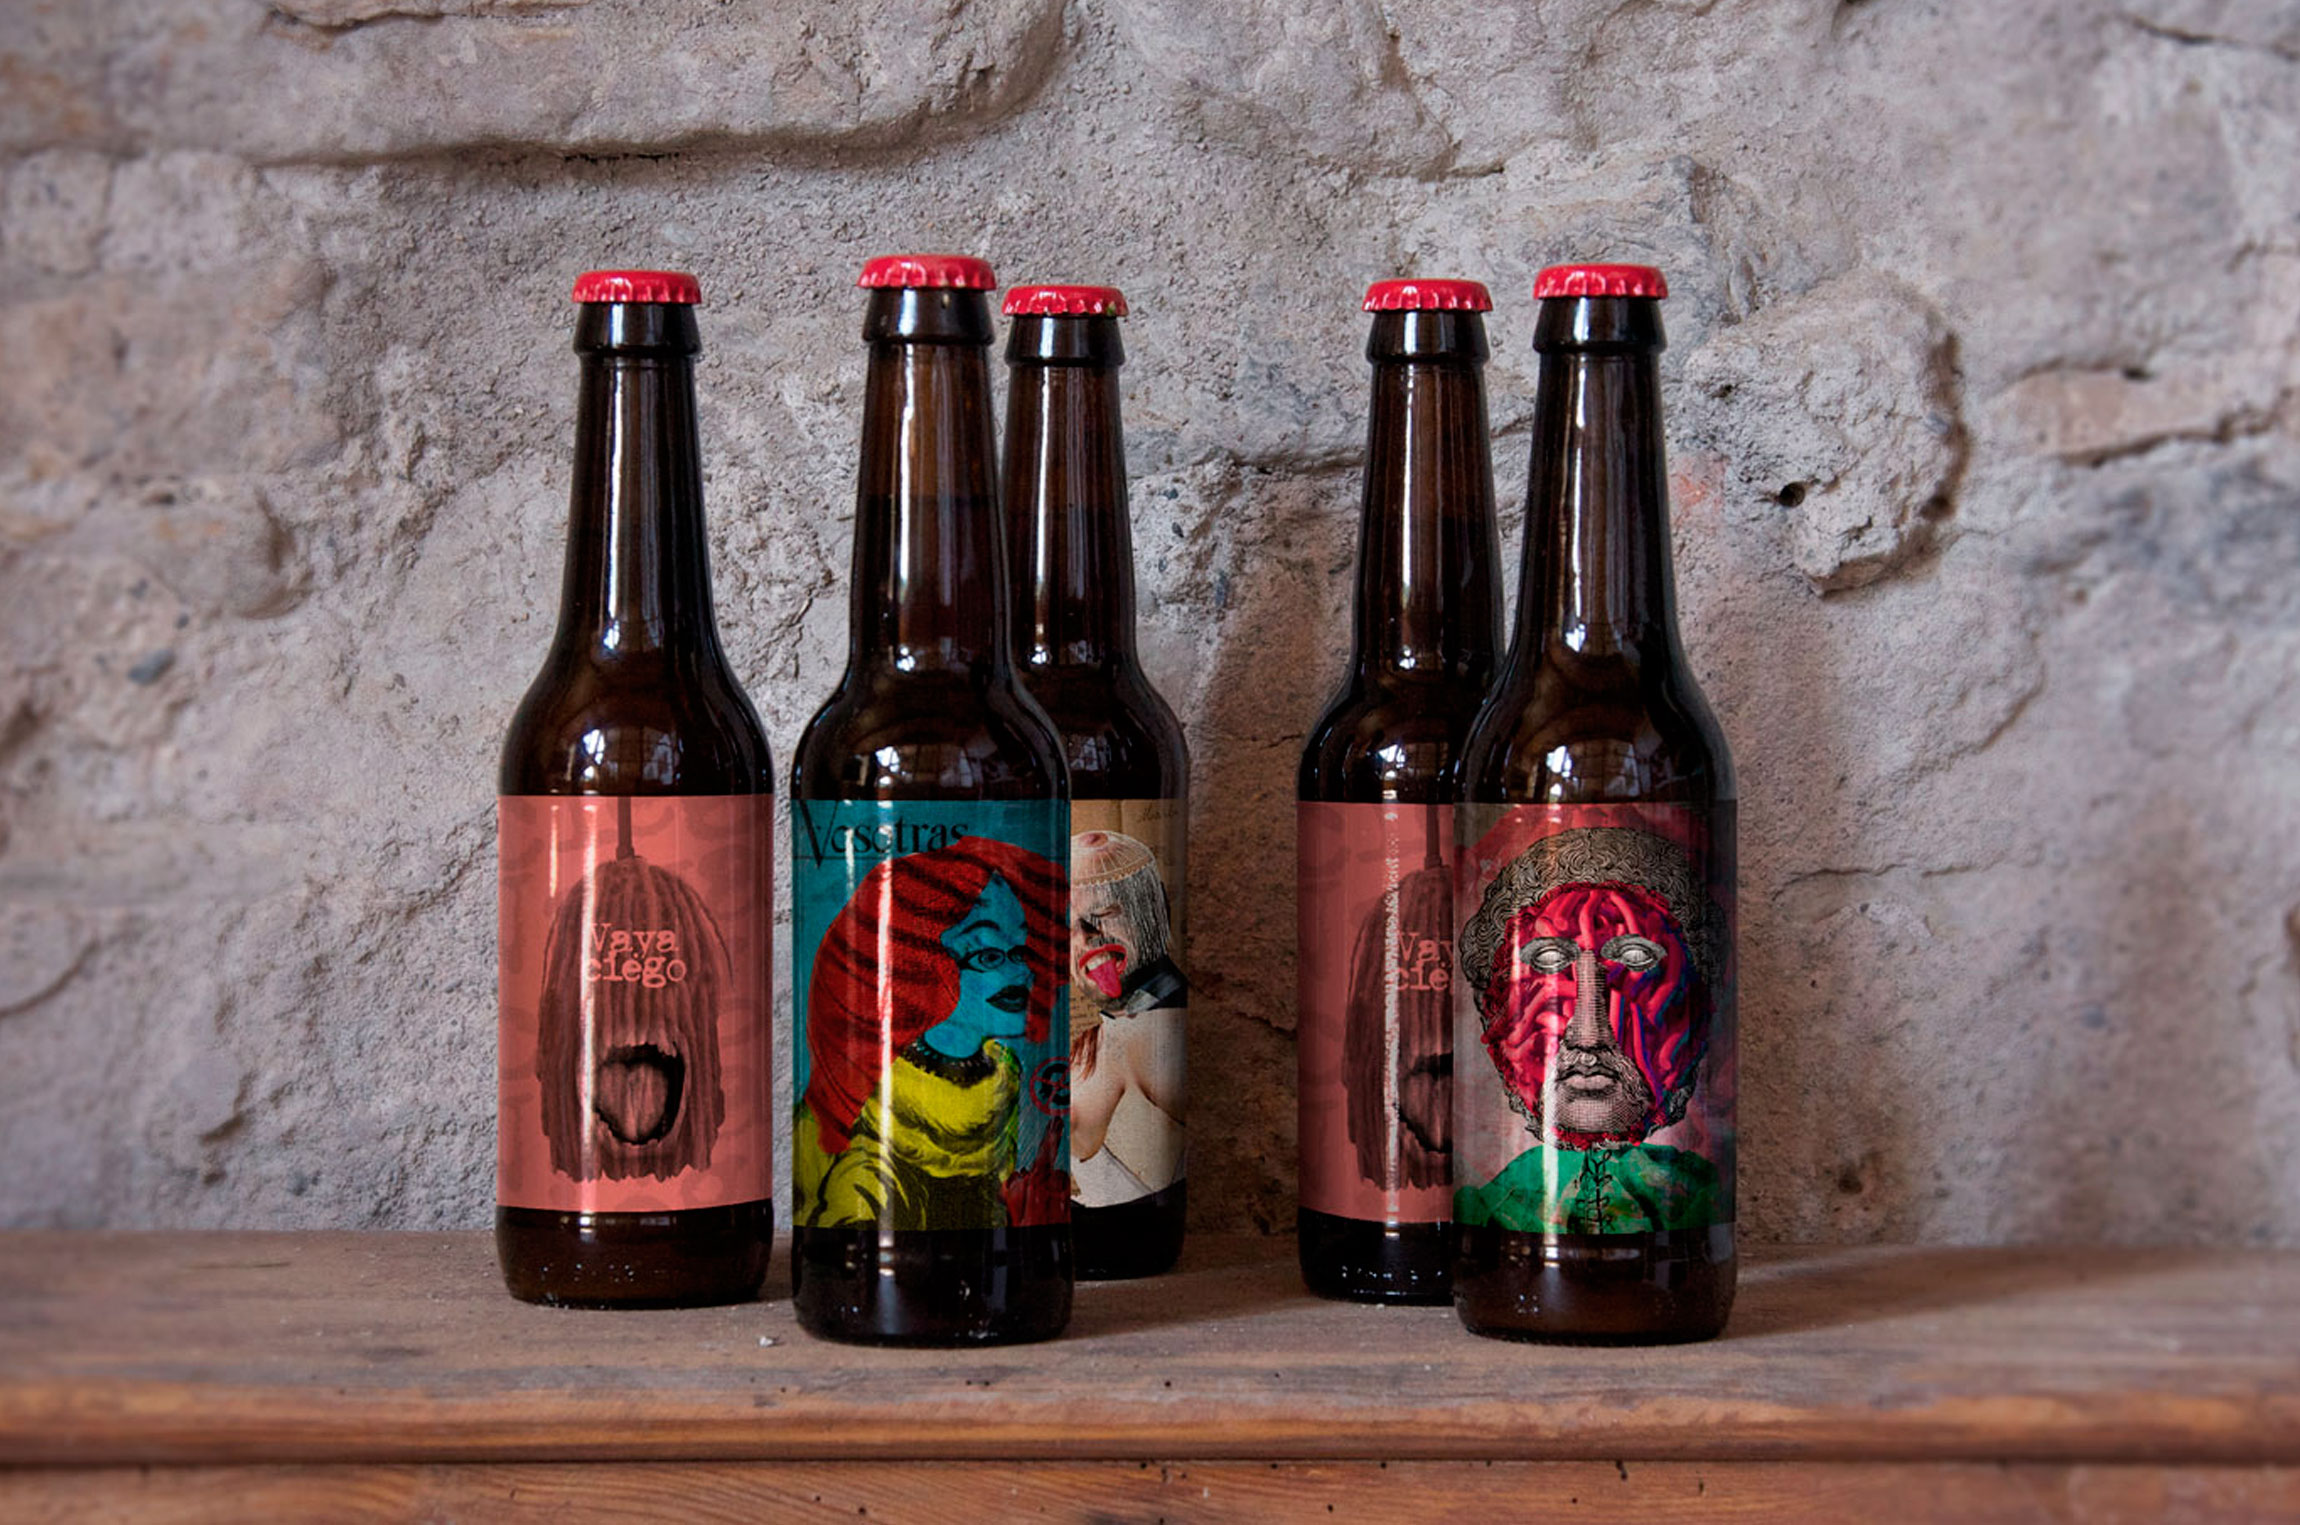 Cervezas Reptilian